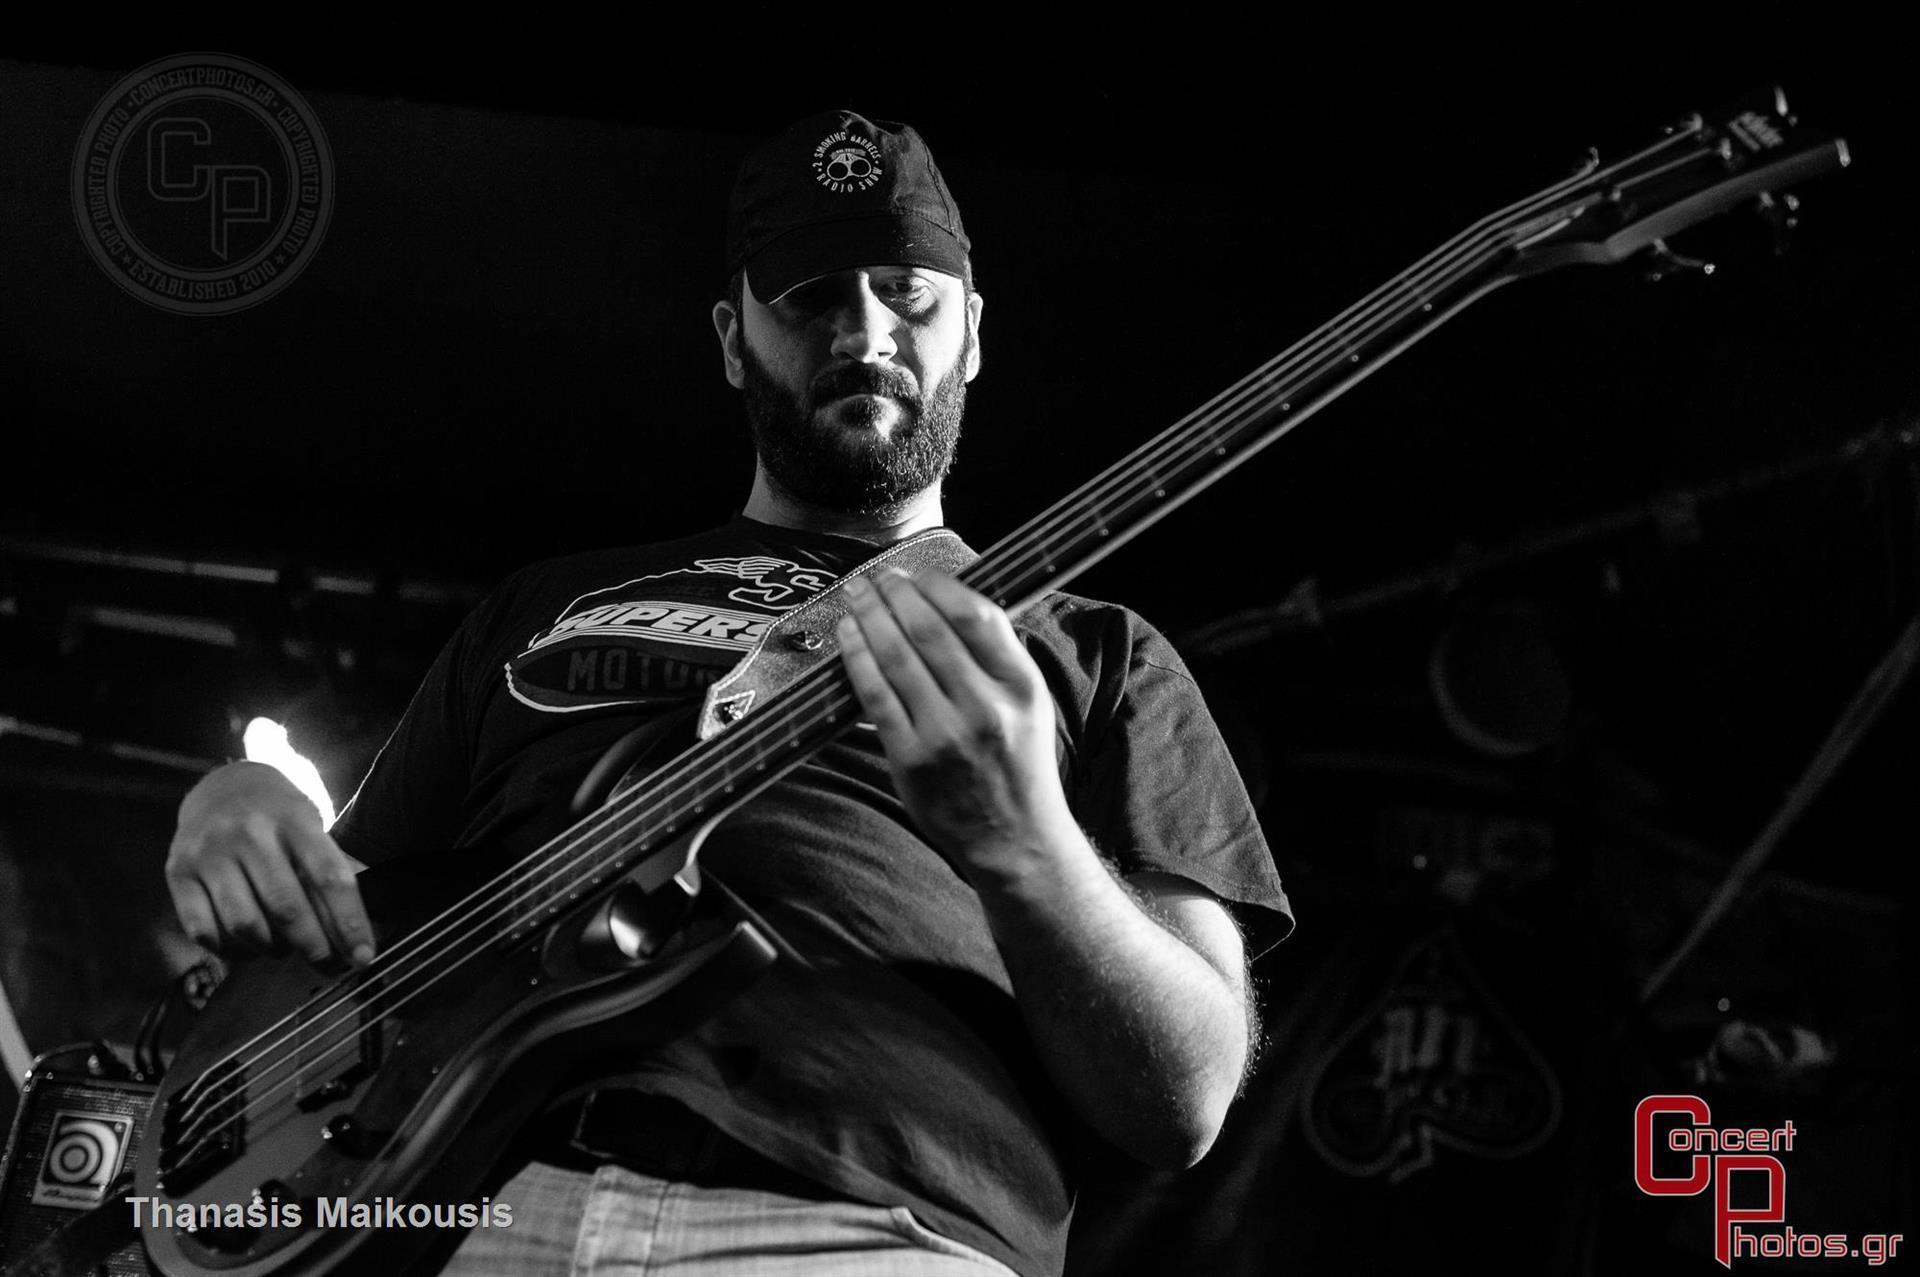 Battle Of The Bands Leg 5-Battle Of The Bands Leg 4 photographer: Thanasis Maikousis - ConcertPhotos - 20150315_2142_31